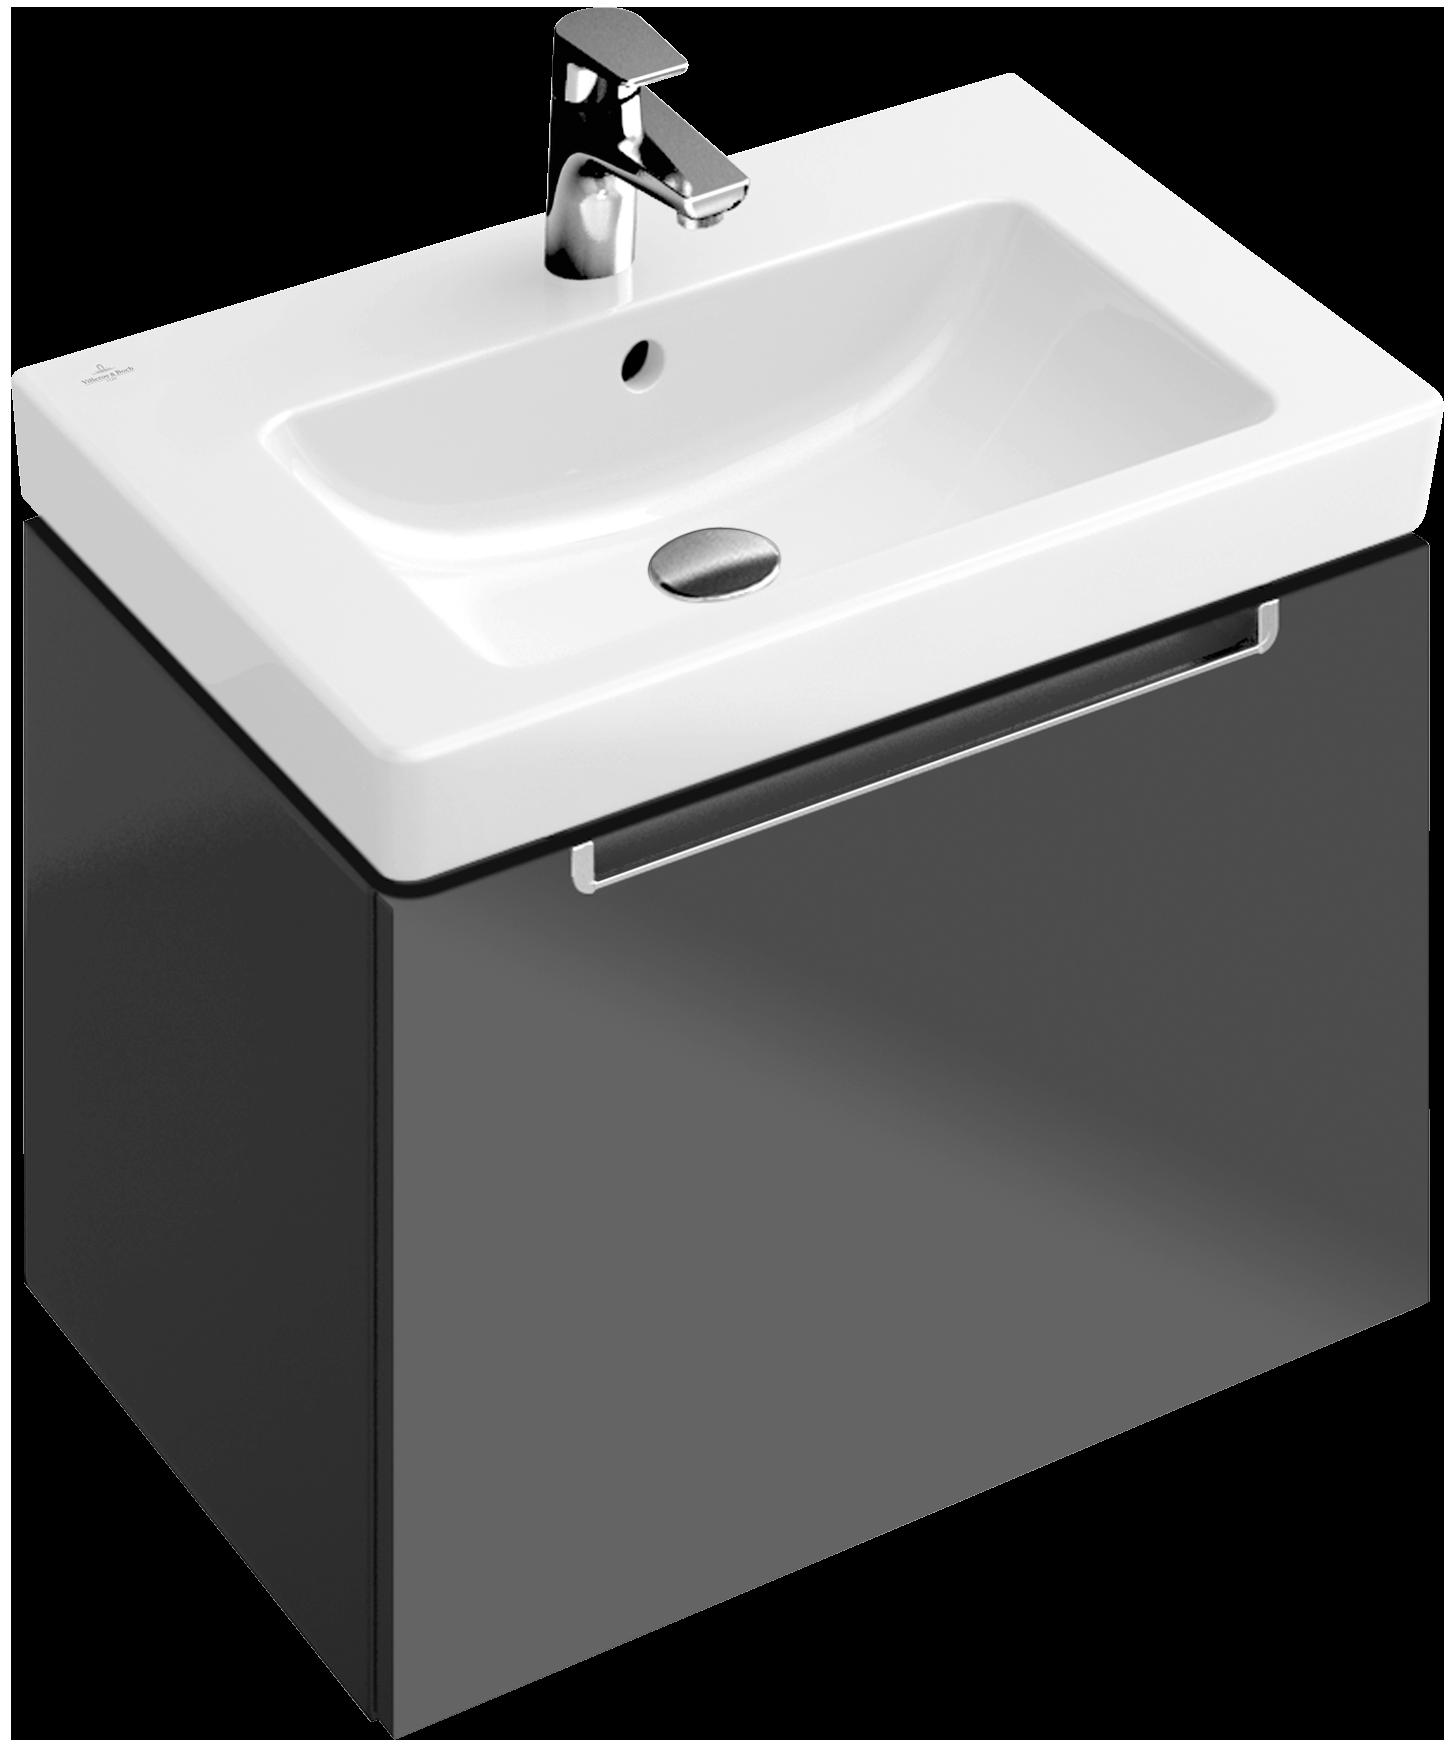 Armarios de ba o bajo lavabo - Baldas para bajo lavabo ...